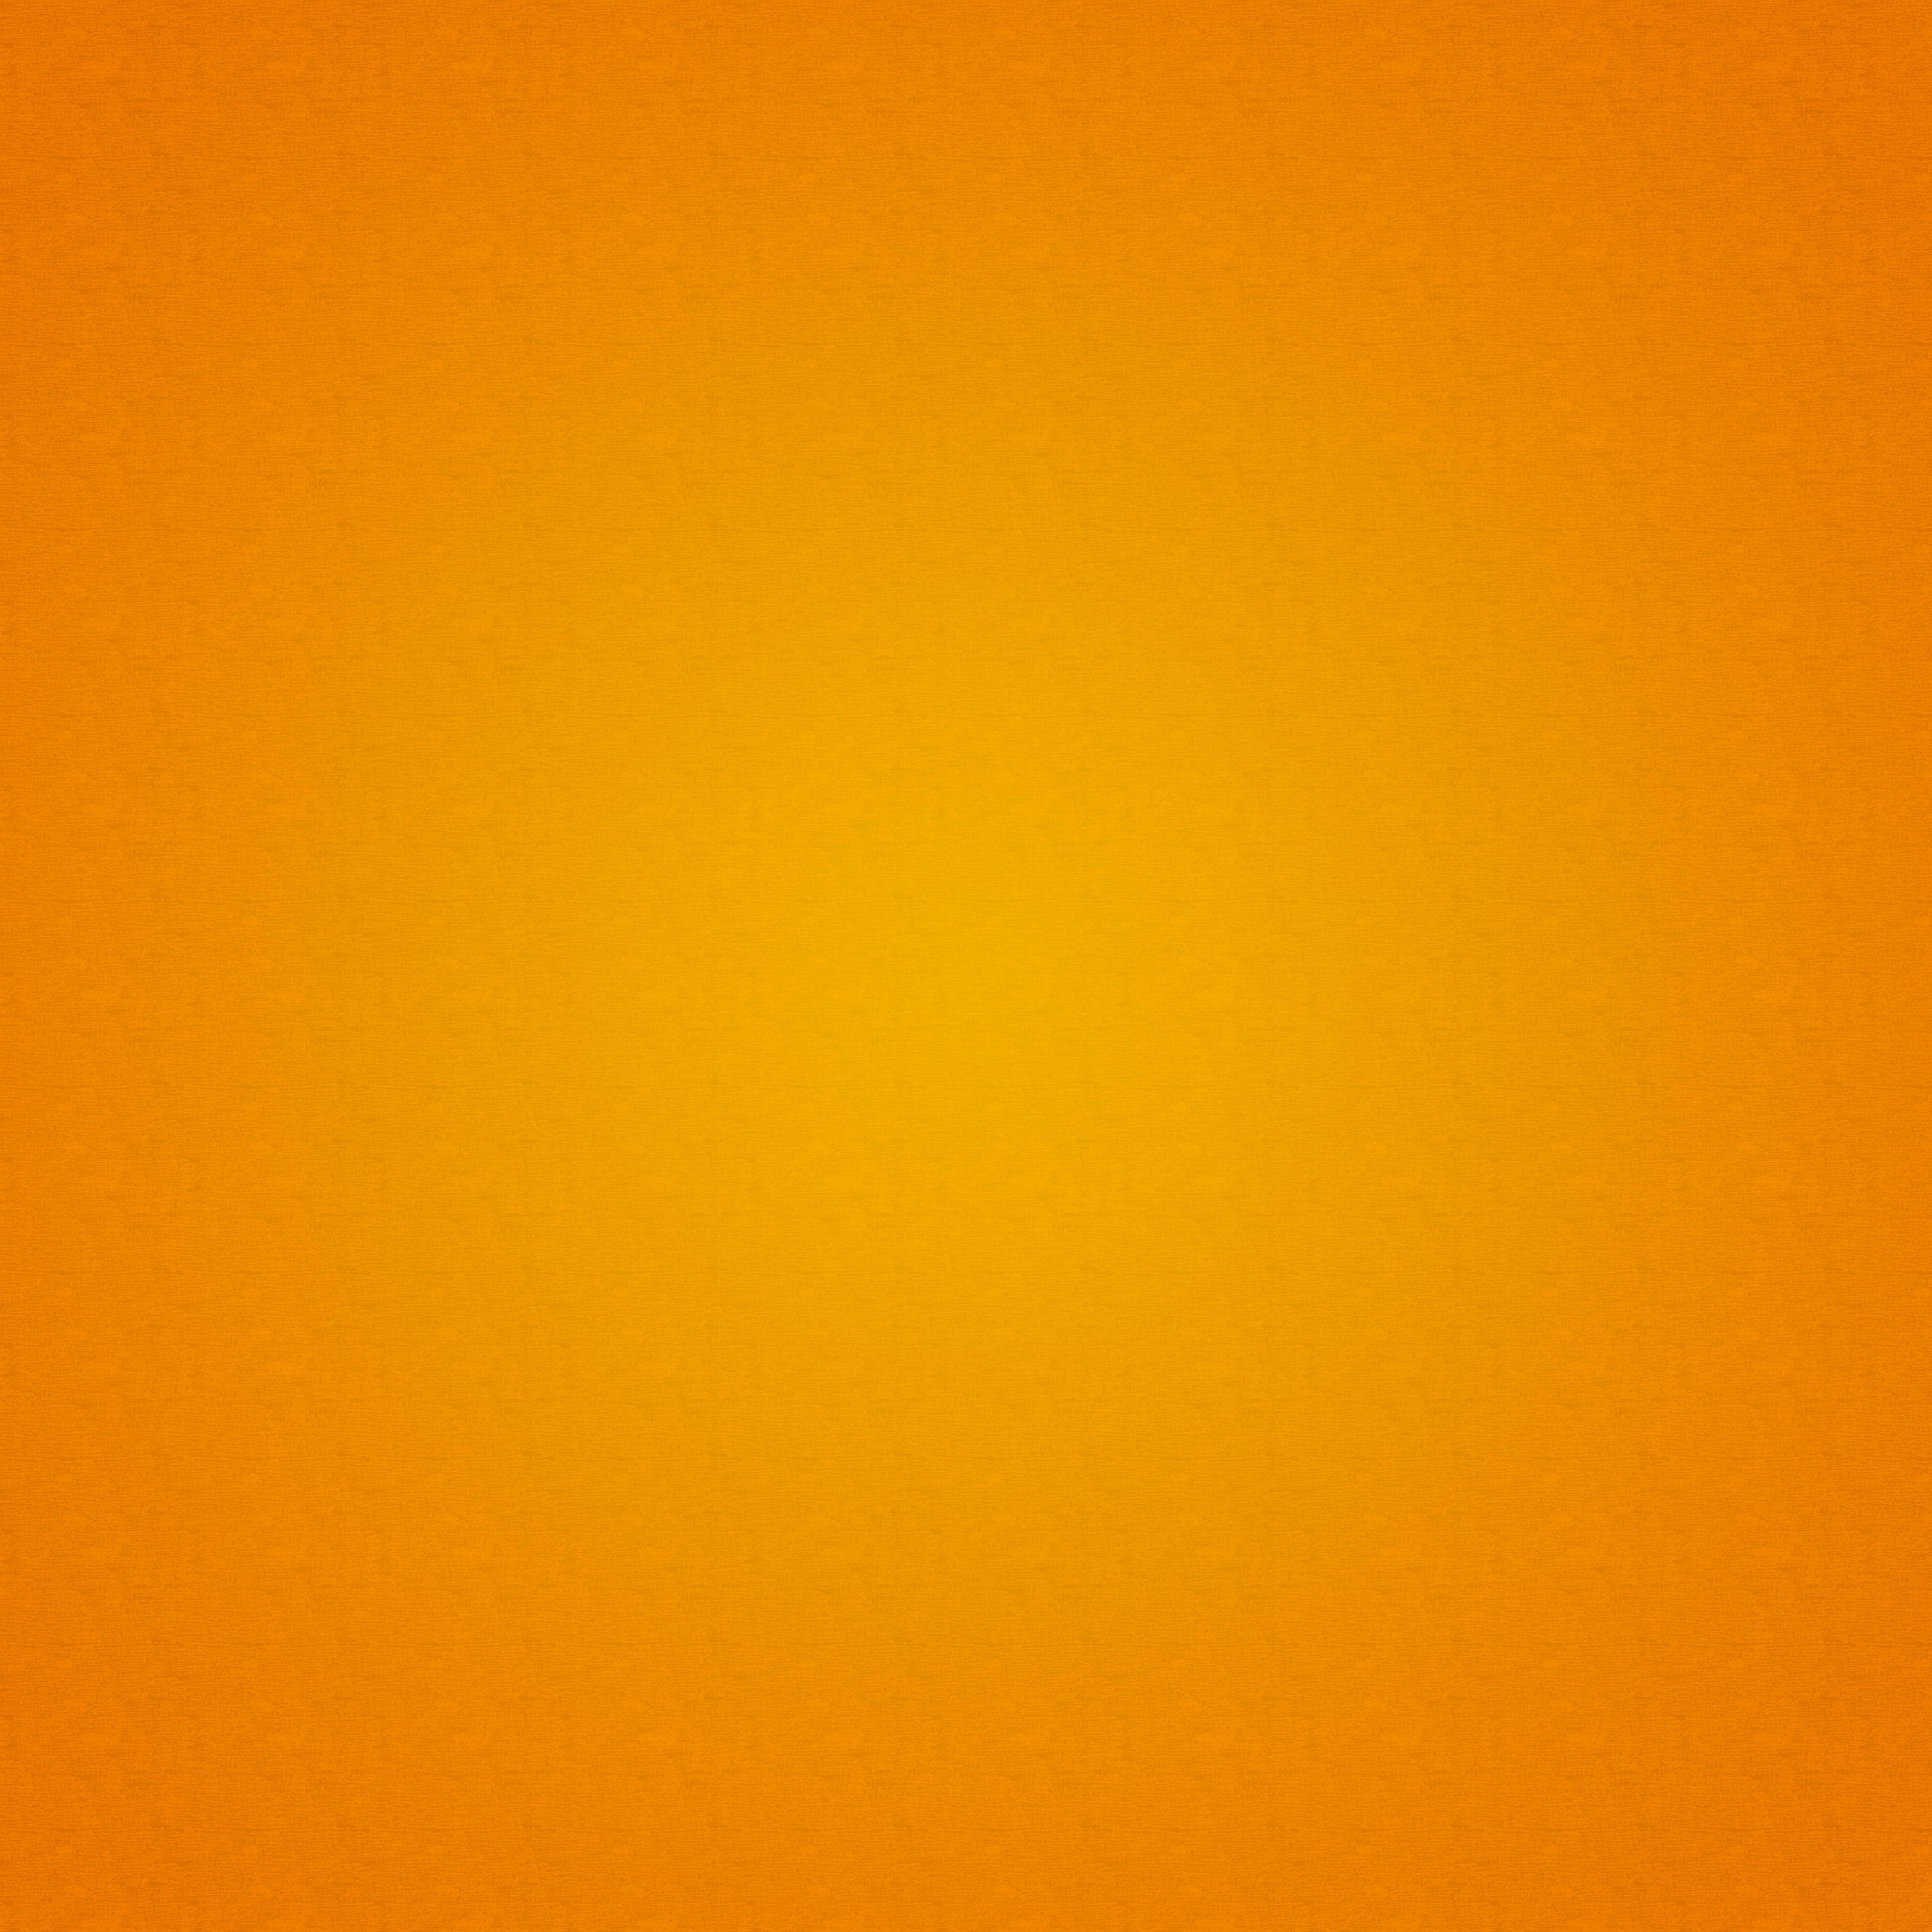 Beliebte Gelb Bilder für Mobiltelefone